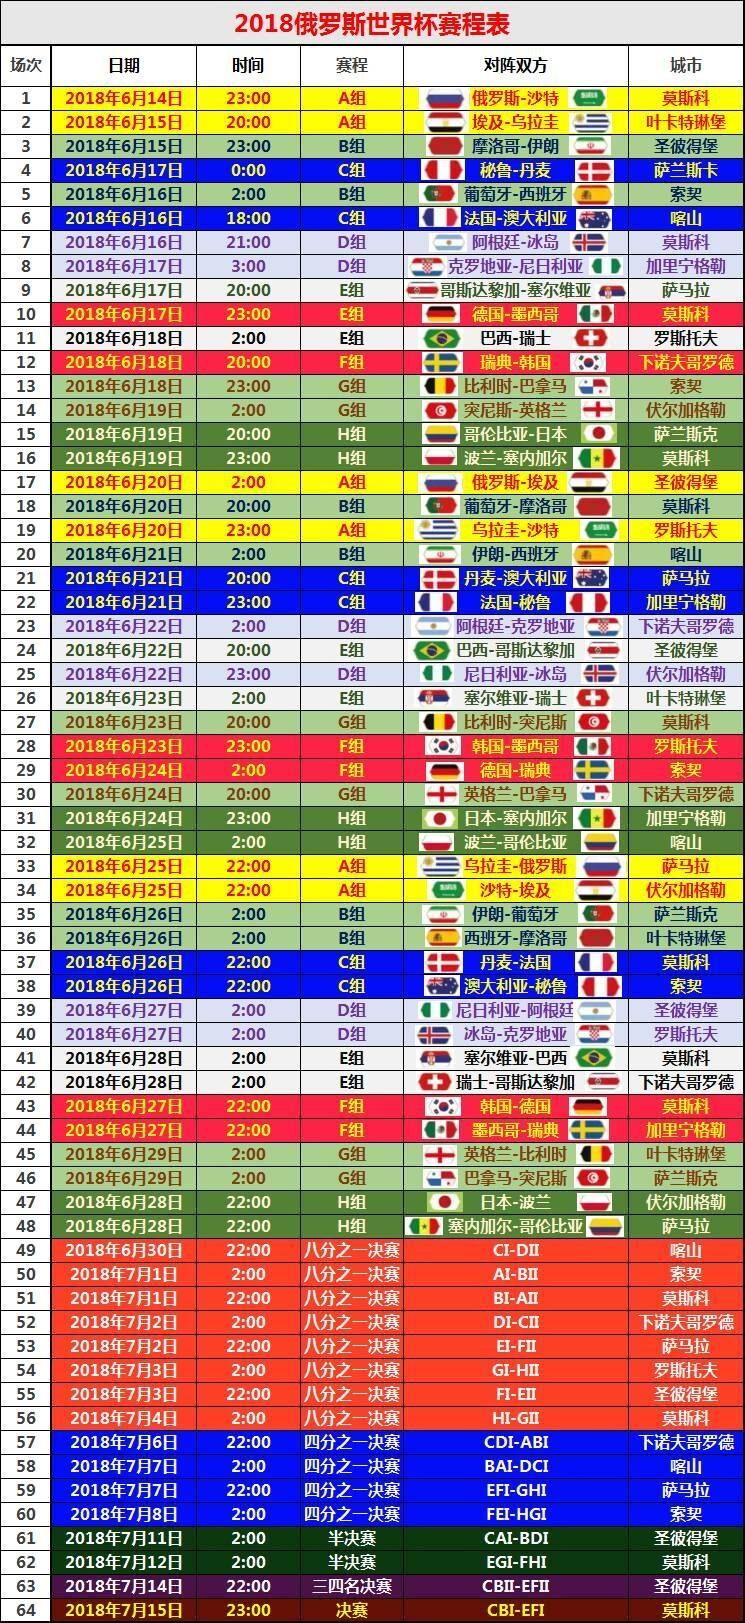 2018俄羅斯世界盃最新賽程表(收藏版) - 壹讀